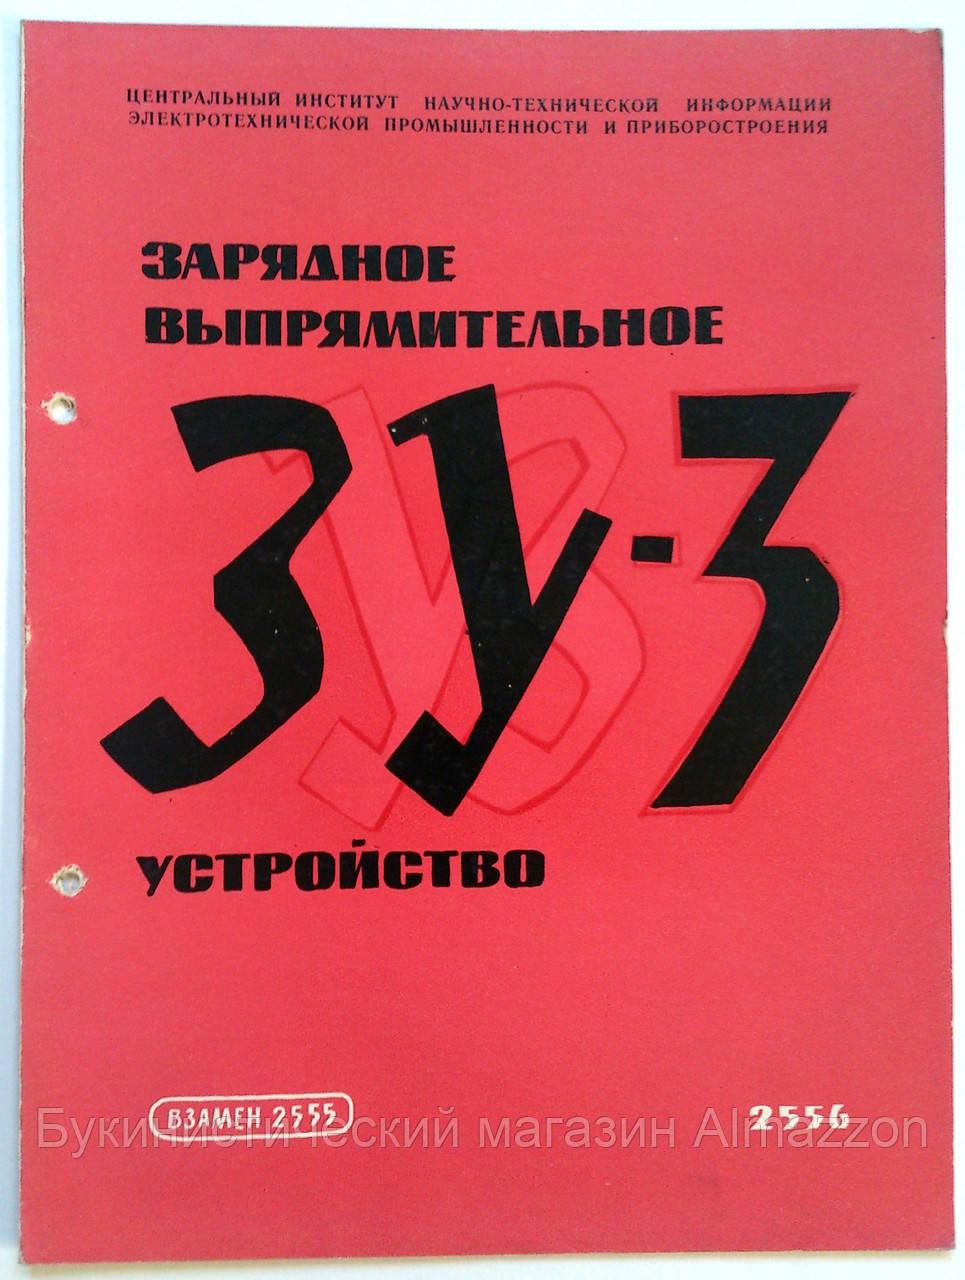 """Журнал (Бюллетень) """"Зарядное выпрямительное устройство ЗУ-3"""" 1961 год"""